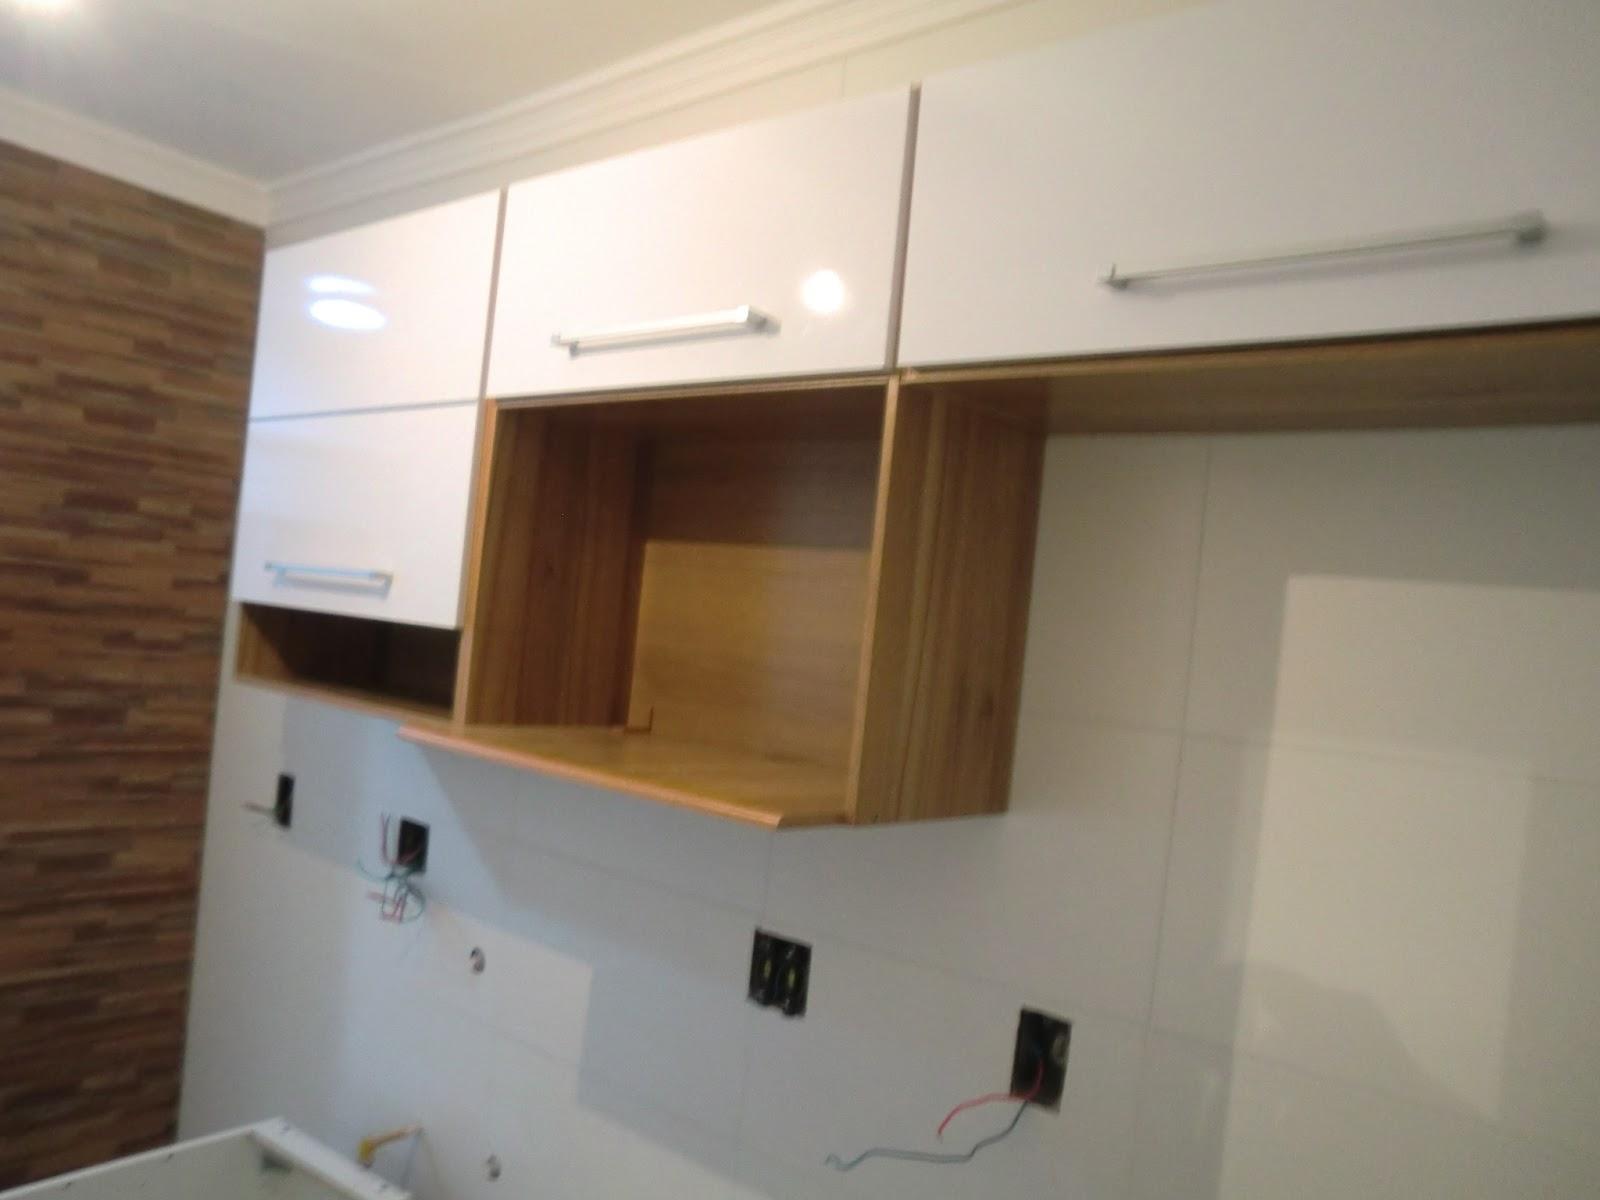 armarios cozinha bartira #8F663C 1600 1200